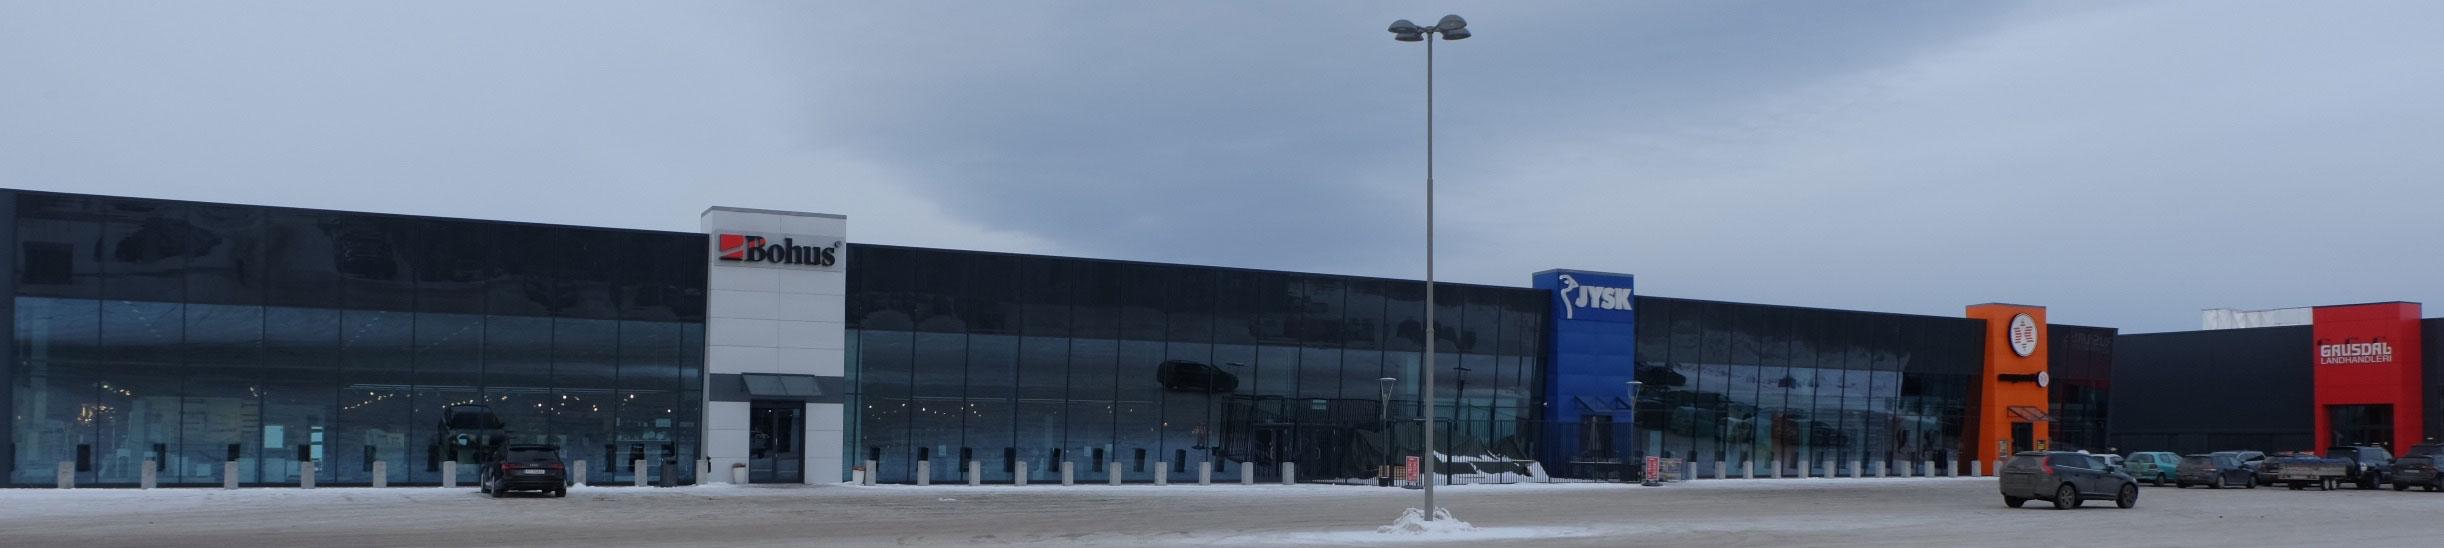 JYSK med ambisjoner om større butikker. Her på plass på Grindalsmoen i Elverum, vegg i vegg med Bohus. (Illustrasjonsfoto: Odd Henrik Vanebo)